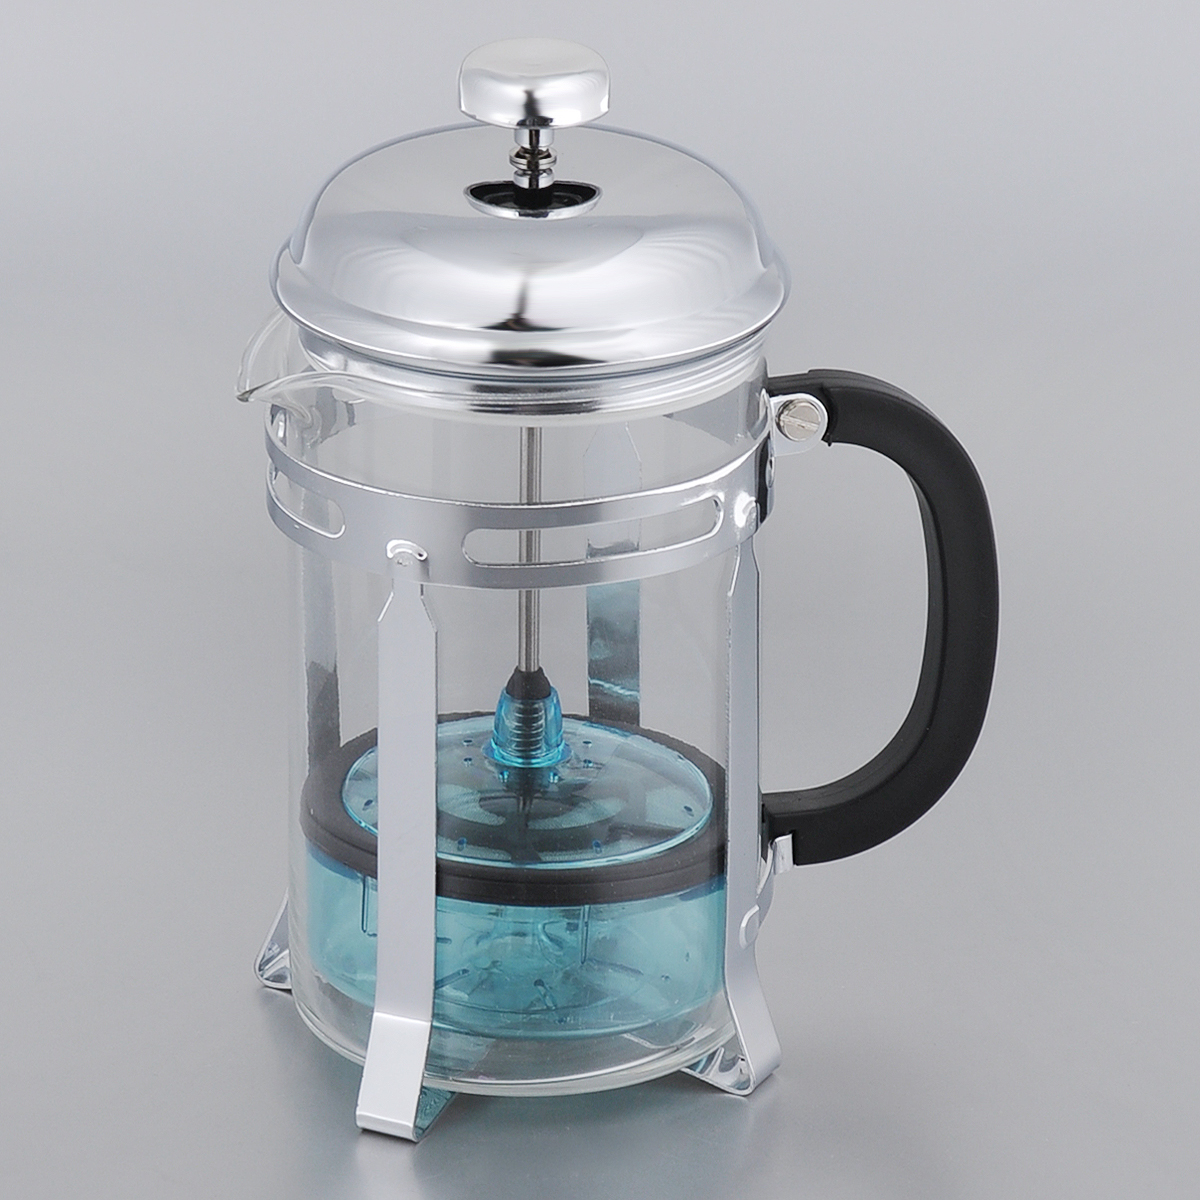 Френч-пресс Bekker, 850 мл. BK-355FS-91909Френч-пресс Bekker представляет собой колбу из жаропрочного стекла в оправе из нержавеющей стали. Френч-пресс позволяет легко и просто приготовить отличный напиток. Крышка выполнена из нержавеющей стали. Благодаря такому френч-прессу приготовление вкуснейшего ароматного и крепкого кофе займет всего пару минут. Настоящим ценителям натурального кофе широко известны основные и наиболее часто применяемые способы его приготовления: эспрессо, по-турецки, гейзерный. Однако существует принципиально иной способ, известный как french press, благодаря которому приготовление ароматного напитка стало гораздо проще. Весь процесс приготовления кофе займет не более 7 минут.Можно мыть в посудомоечной машине.